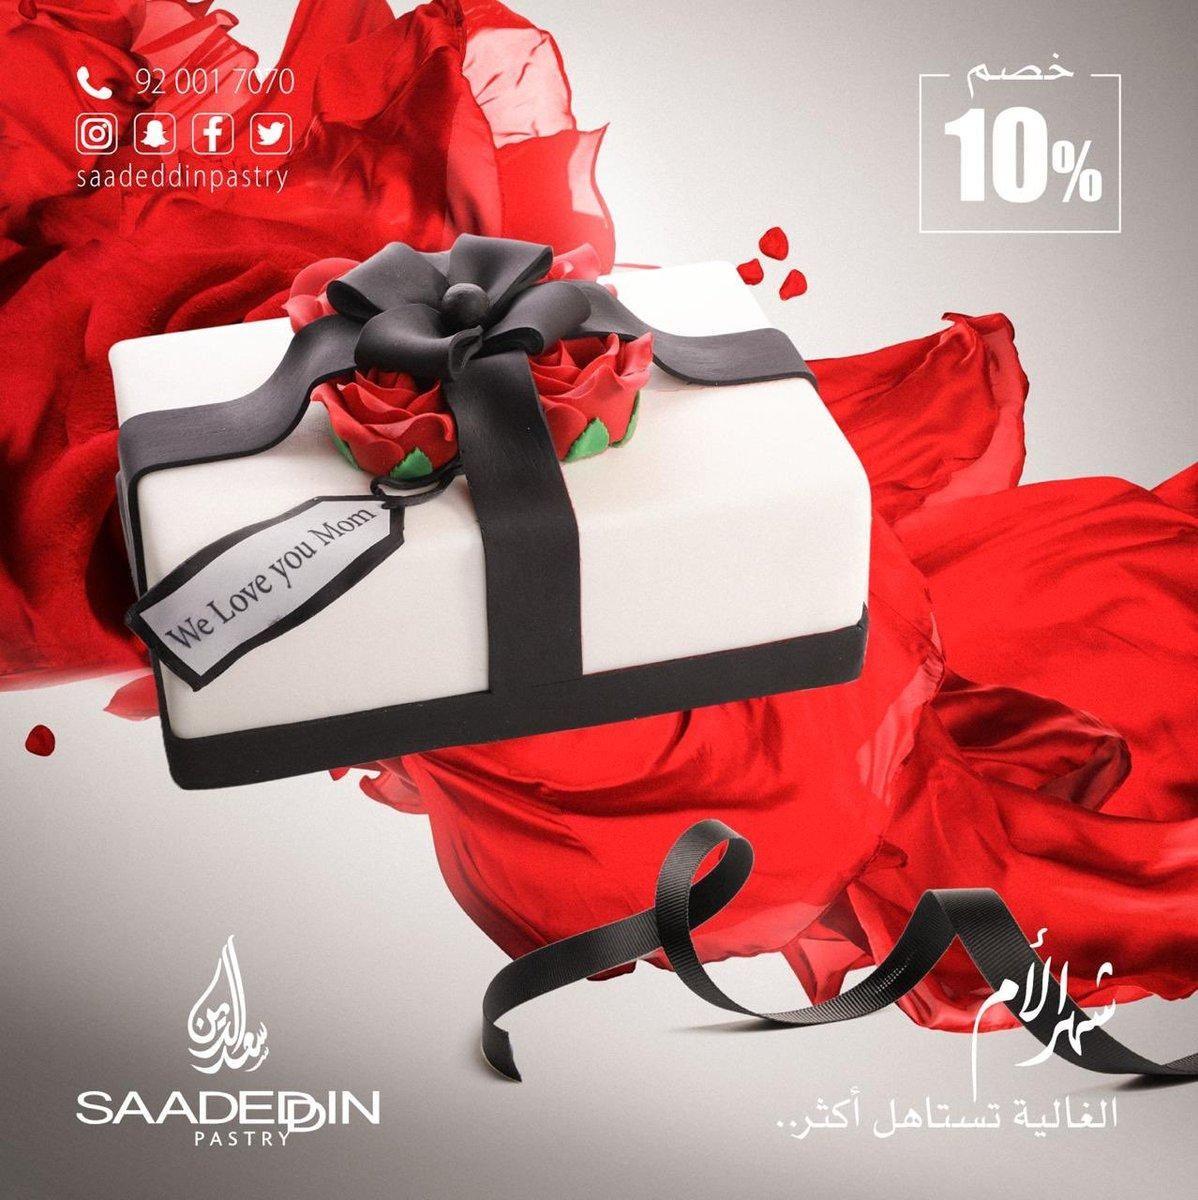 عروض عيد الام خصم 10 في حلويات سعد الدين على كل المنتجات عروض اليوم Gift Wrapping Bags Gym Bag